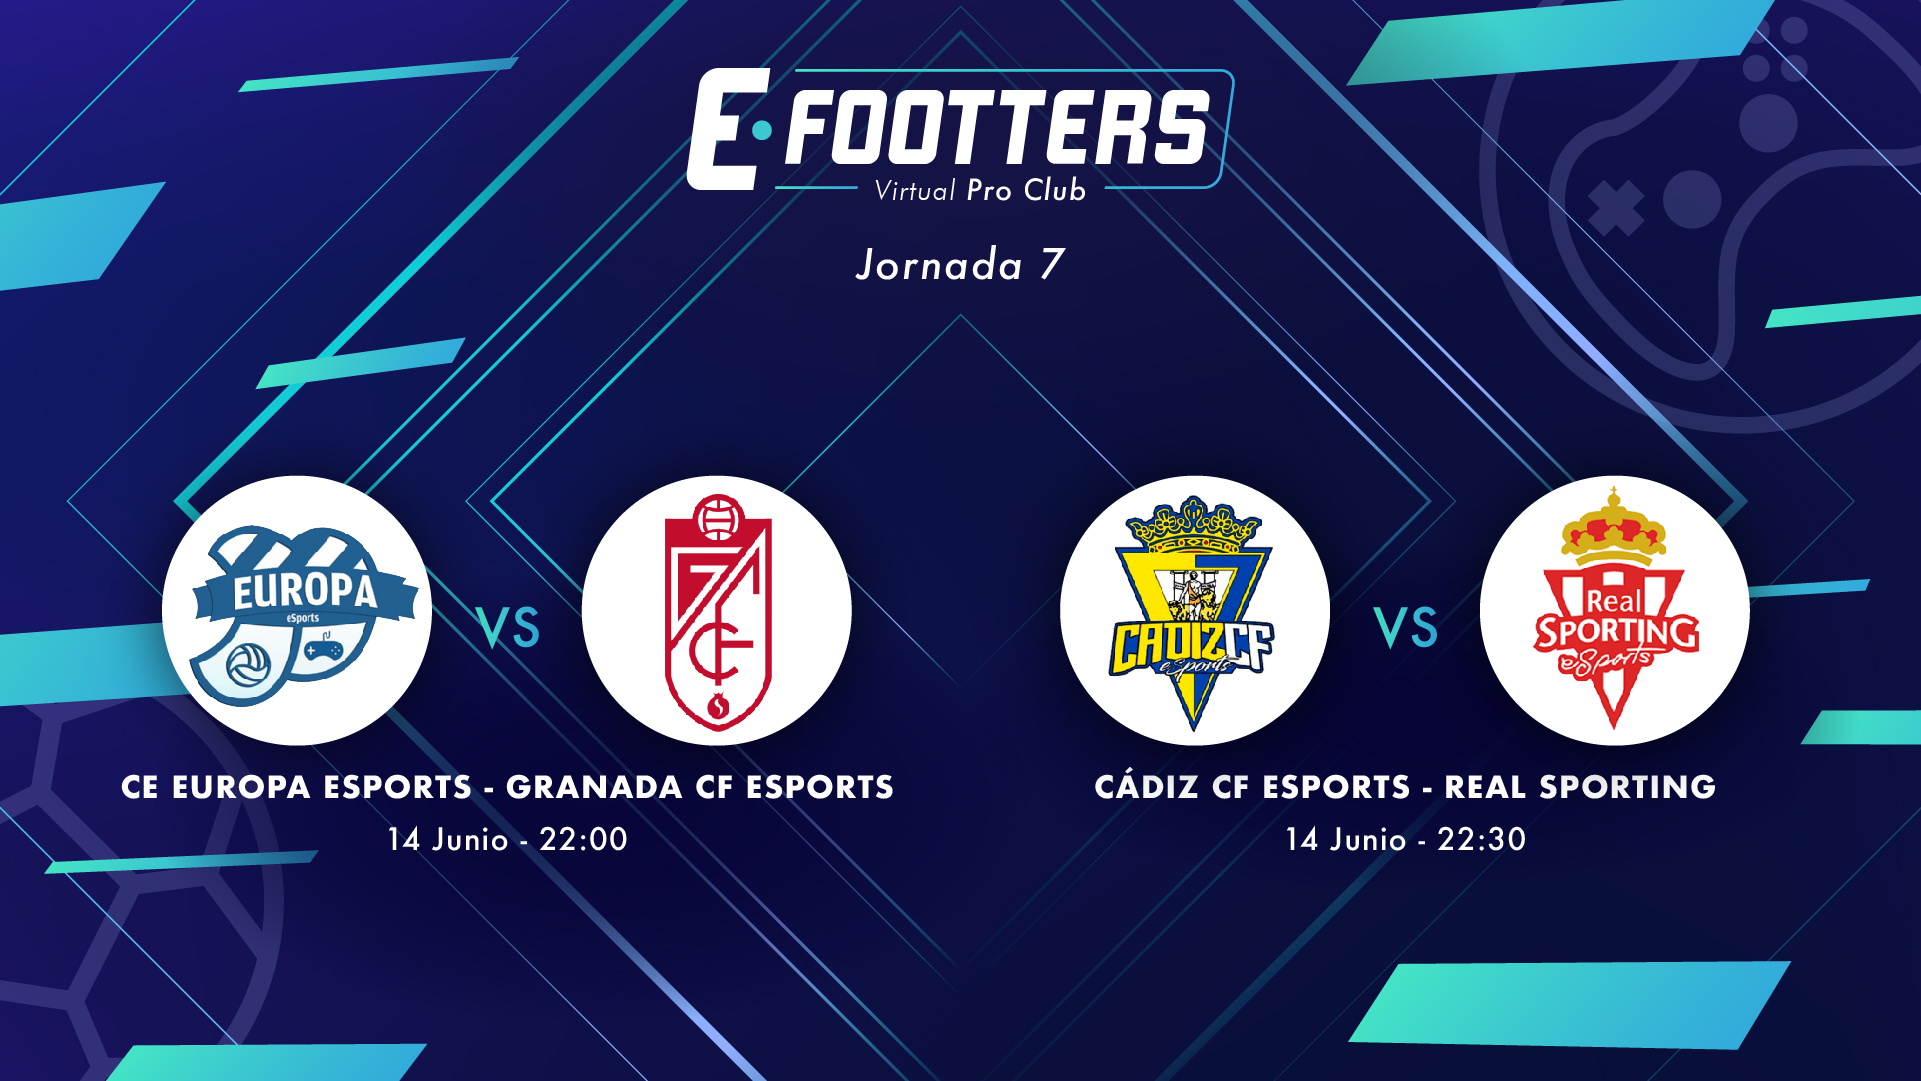 Imagen de Europa - Granada y Cádiz - Sporting de la octava jornada